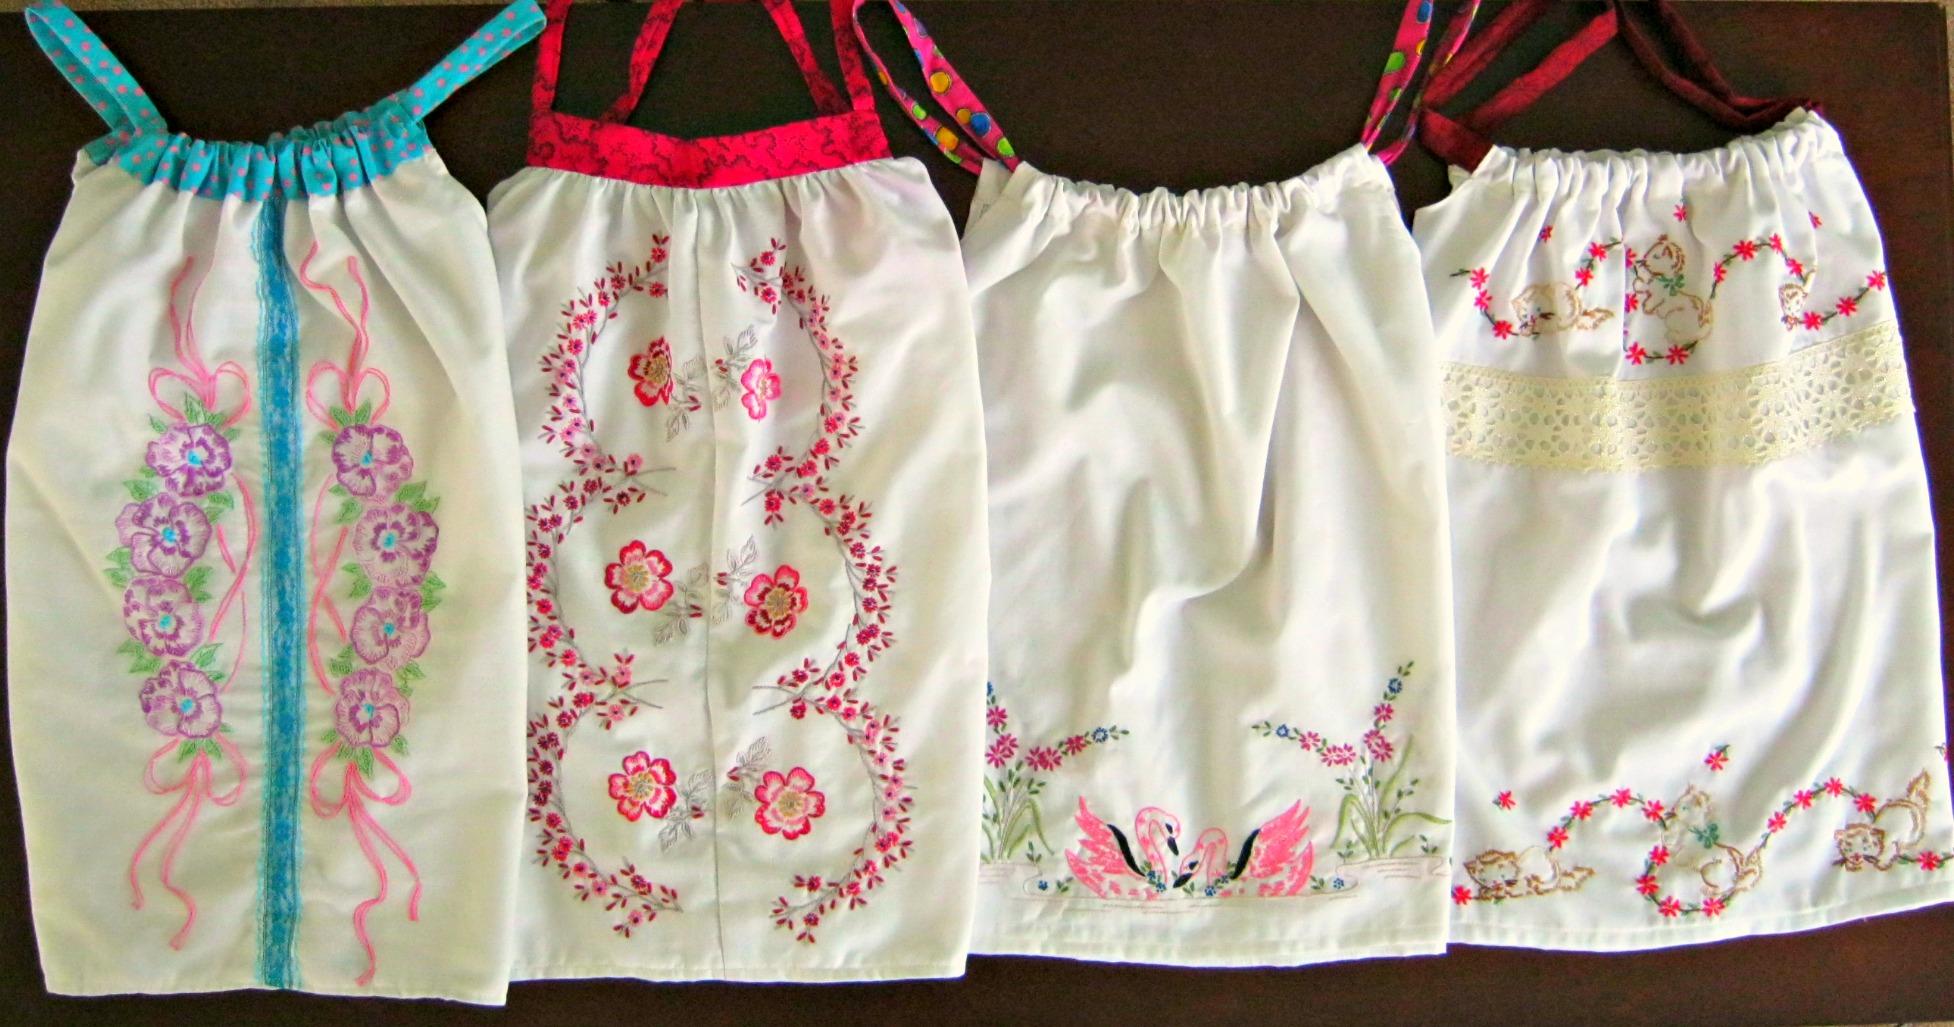 New pillowcase top designs for women | Lynda Makara